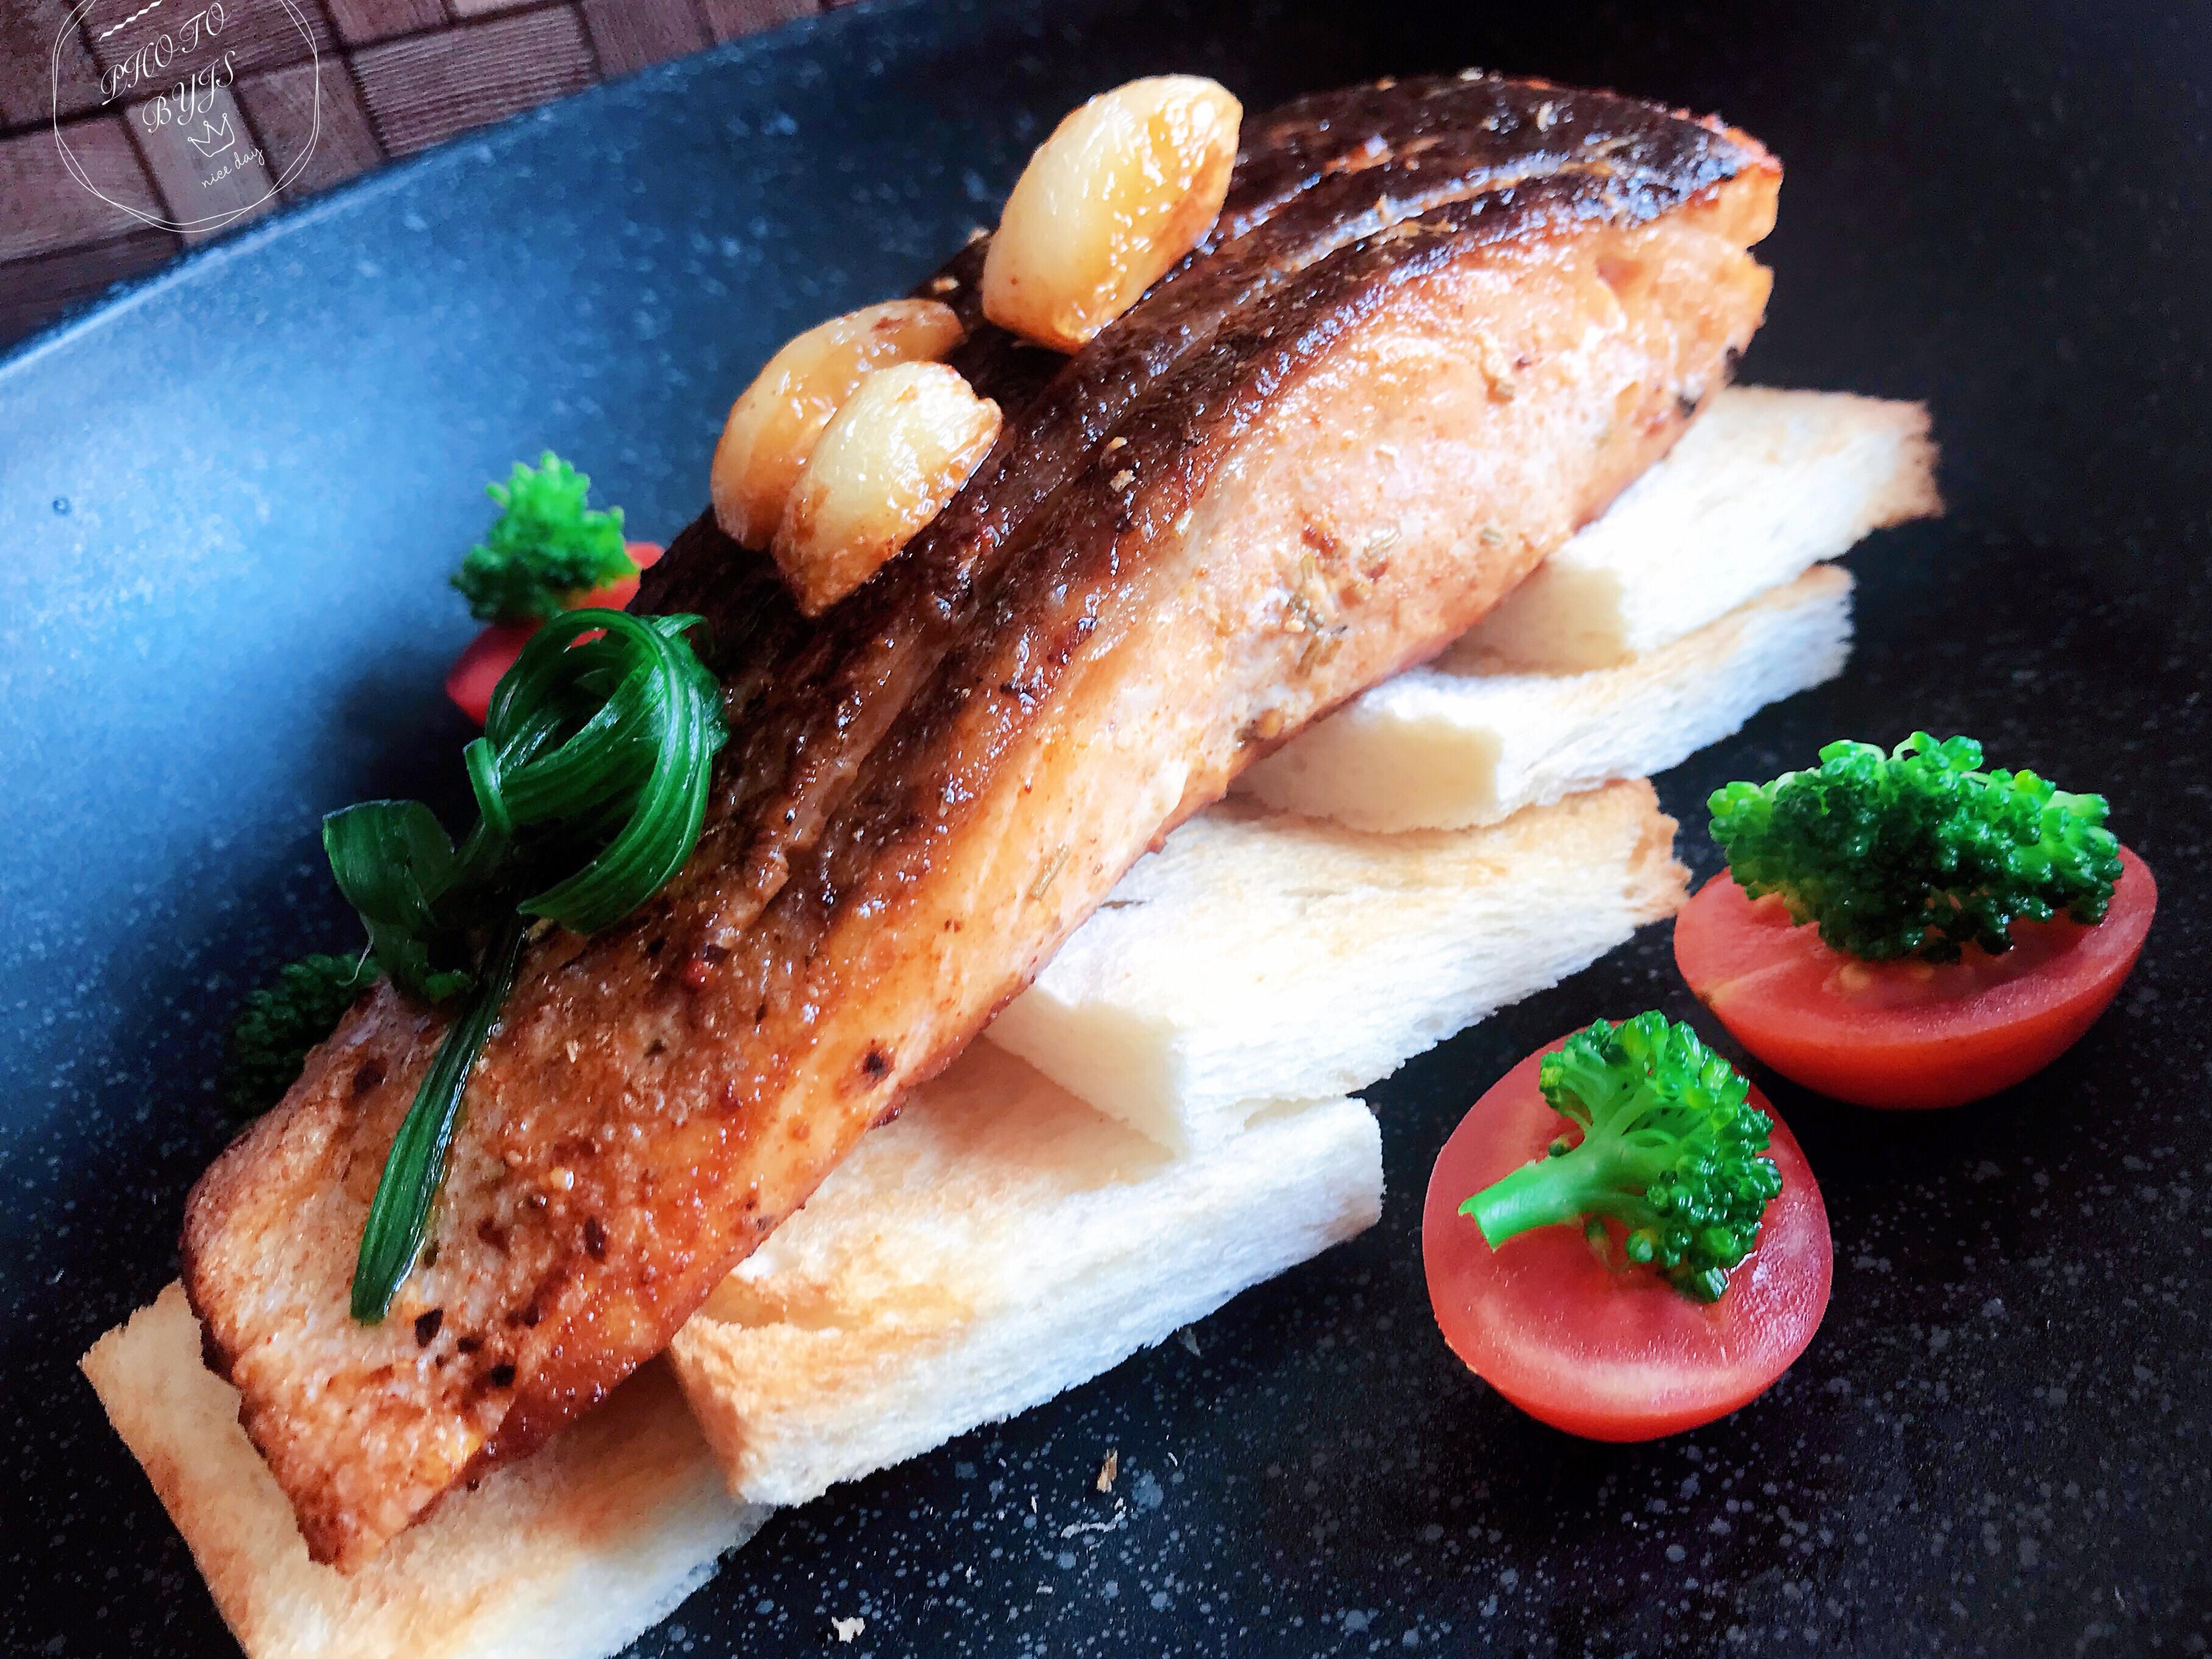 嫩煎鮭魚菲力